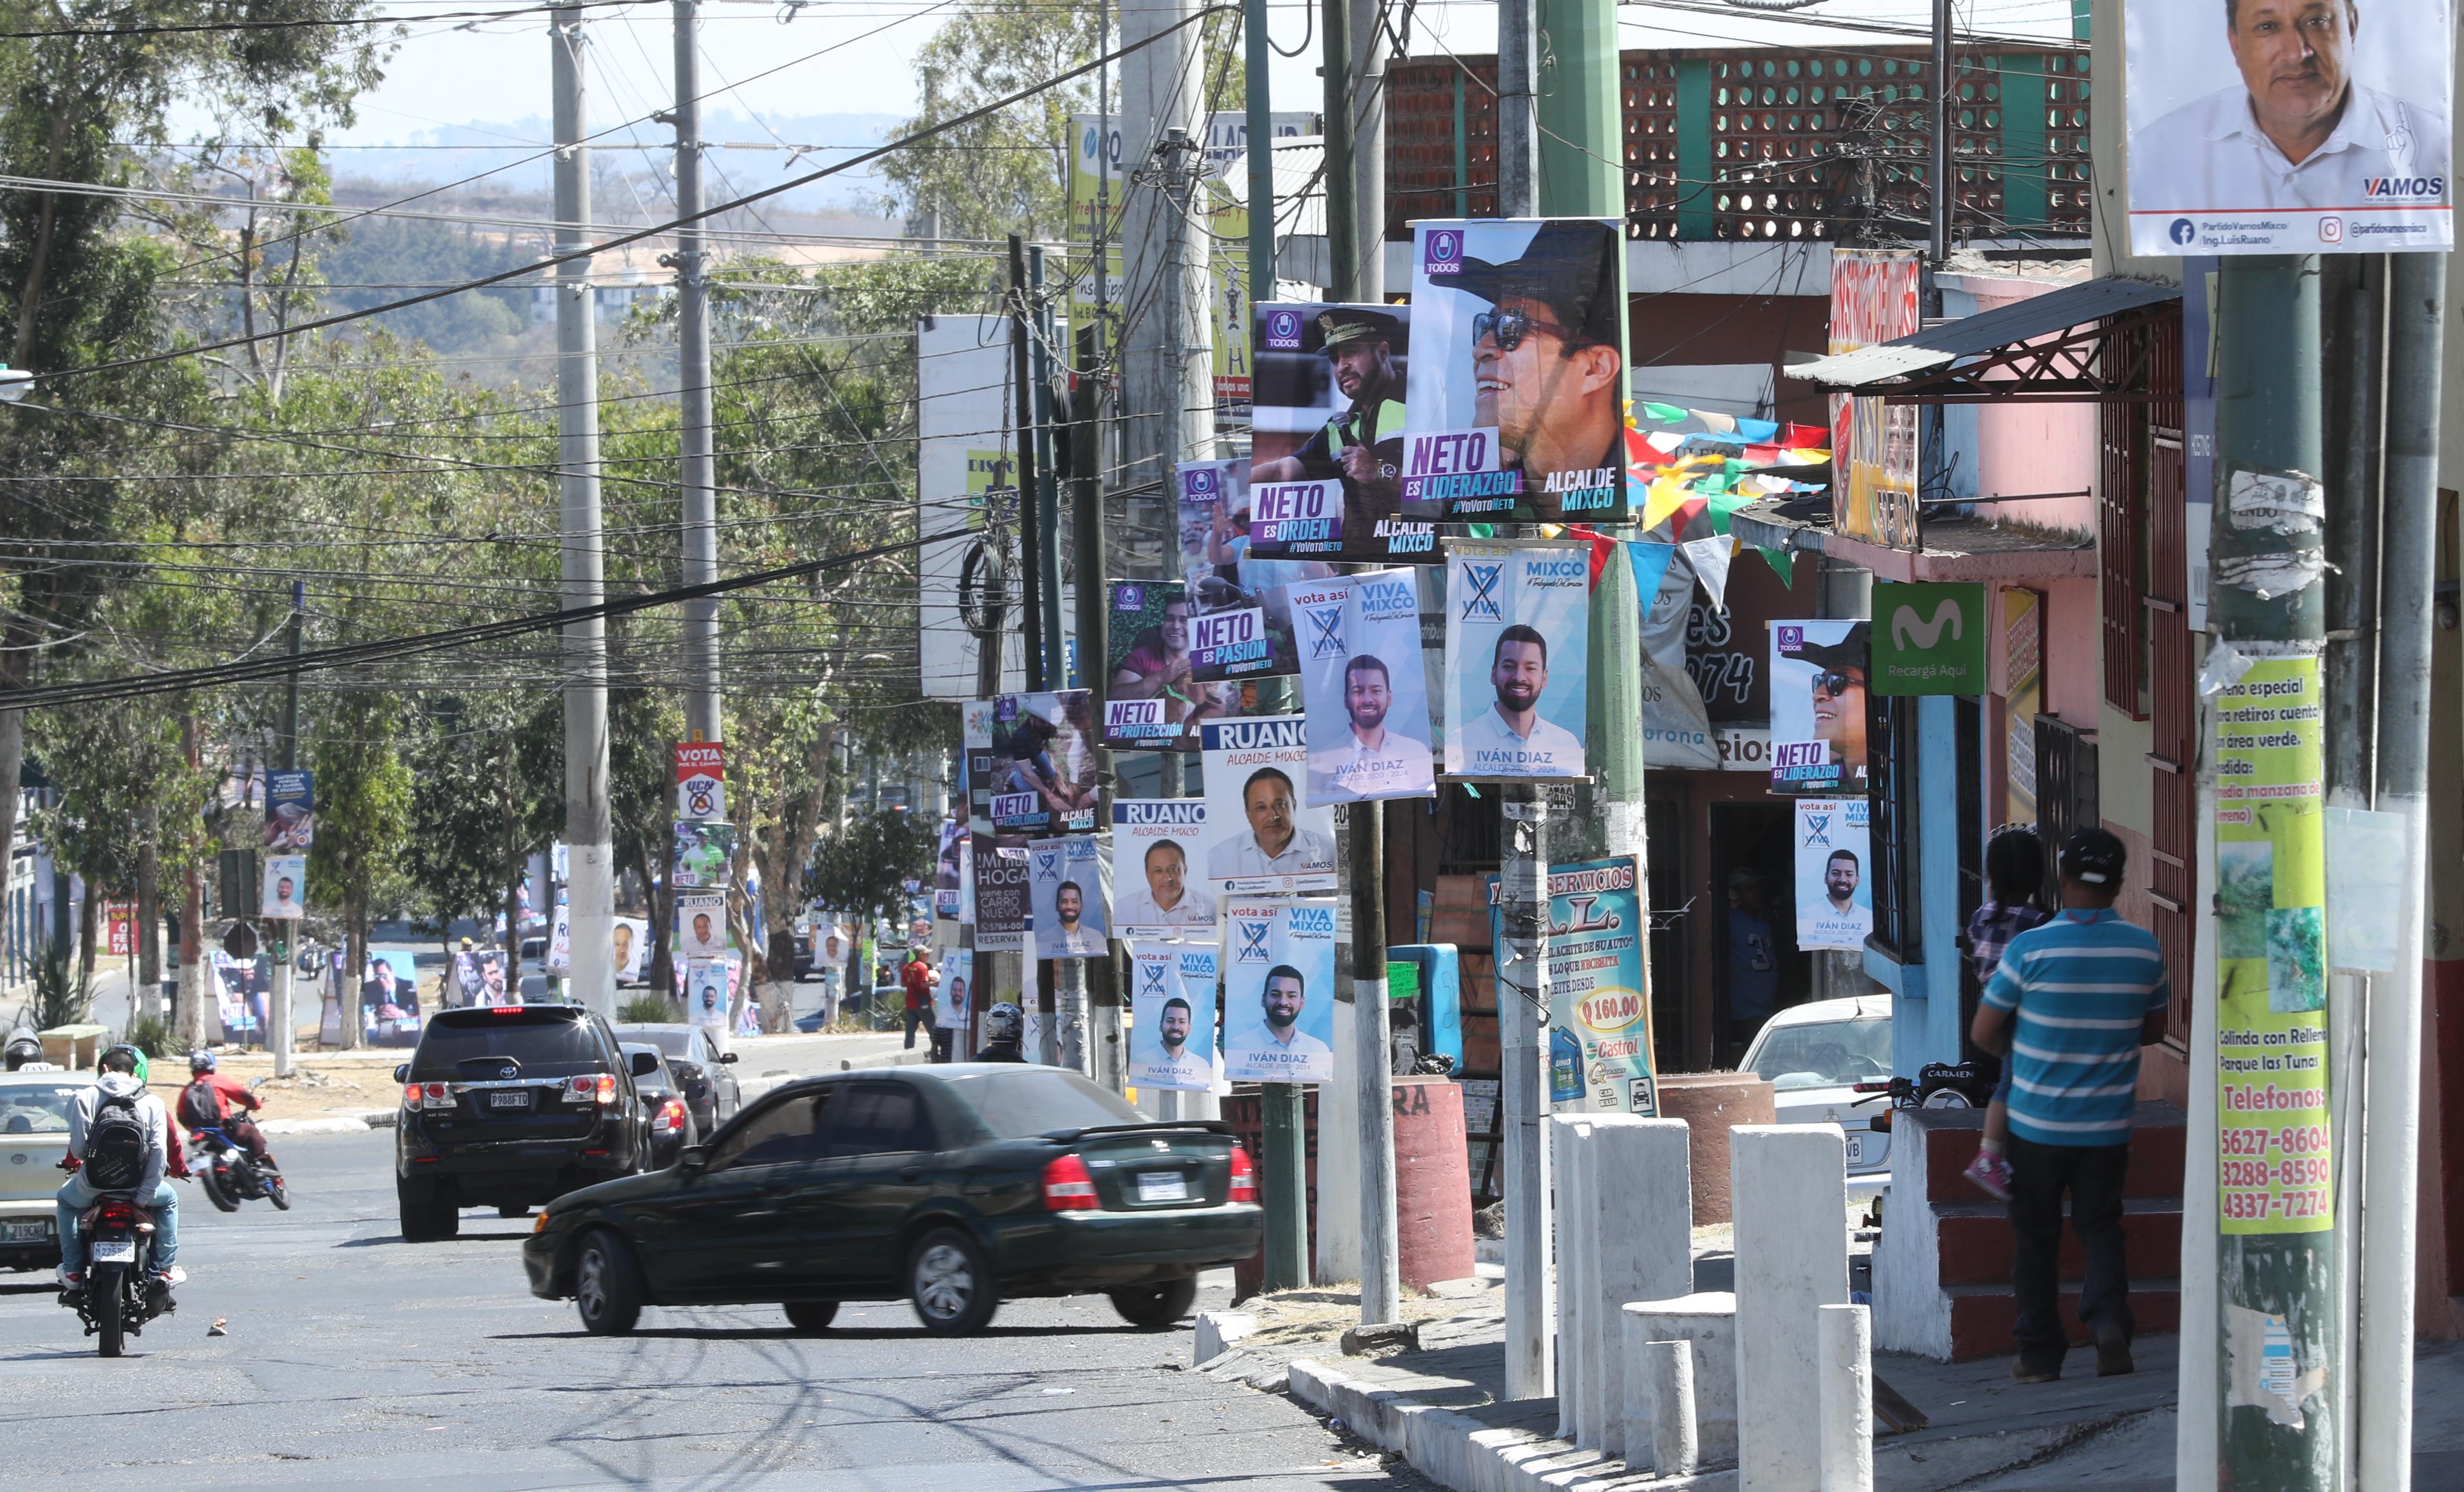 Activistas de varios pol'ticos comenzaron a colocar mantas con fotograf'as vin'licas de candidatos a puestos de elecci—n popular.                                                                                              Fotograf'a Esbin Garcia 18-03- 2019.